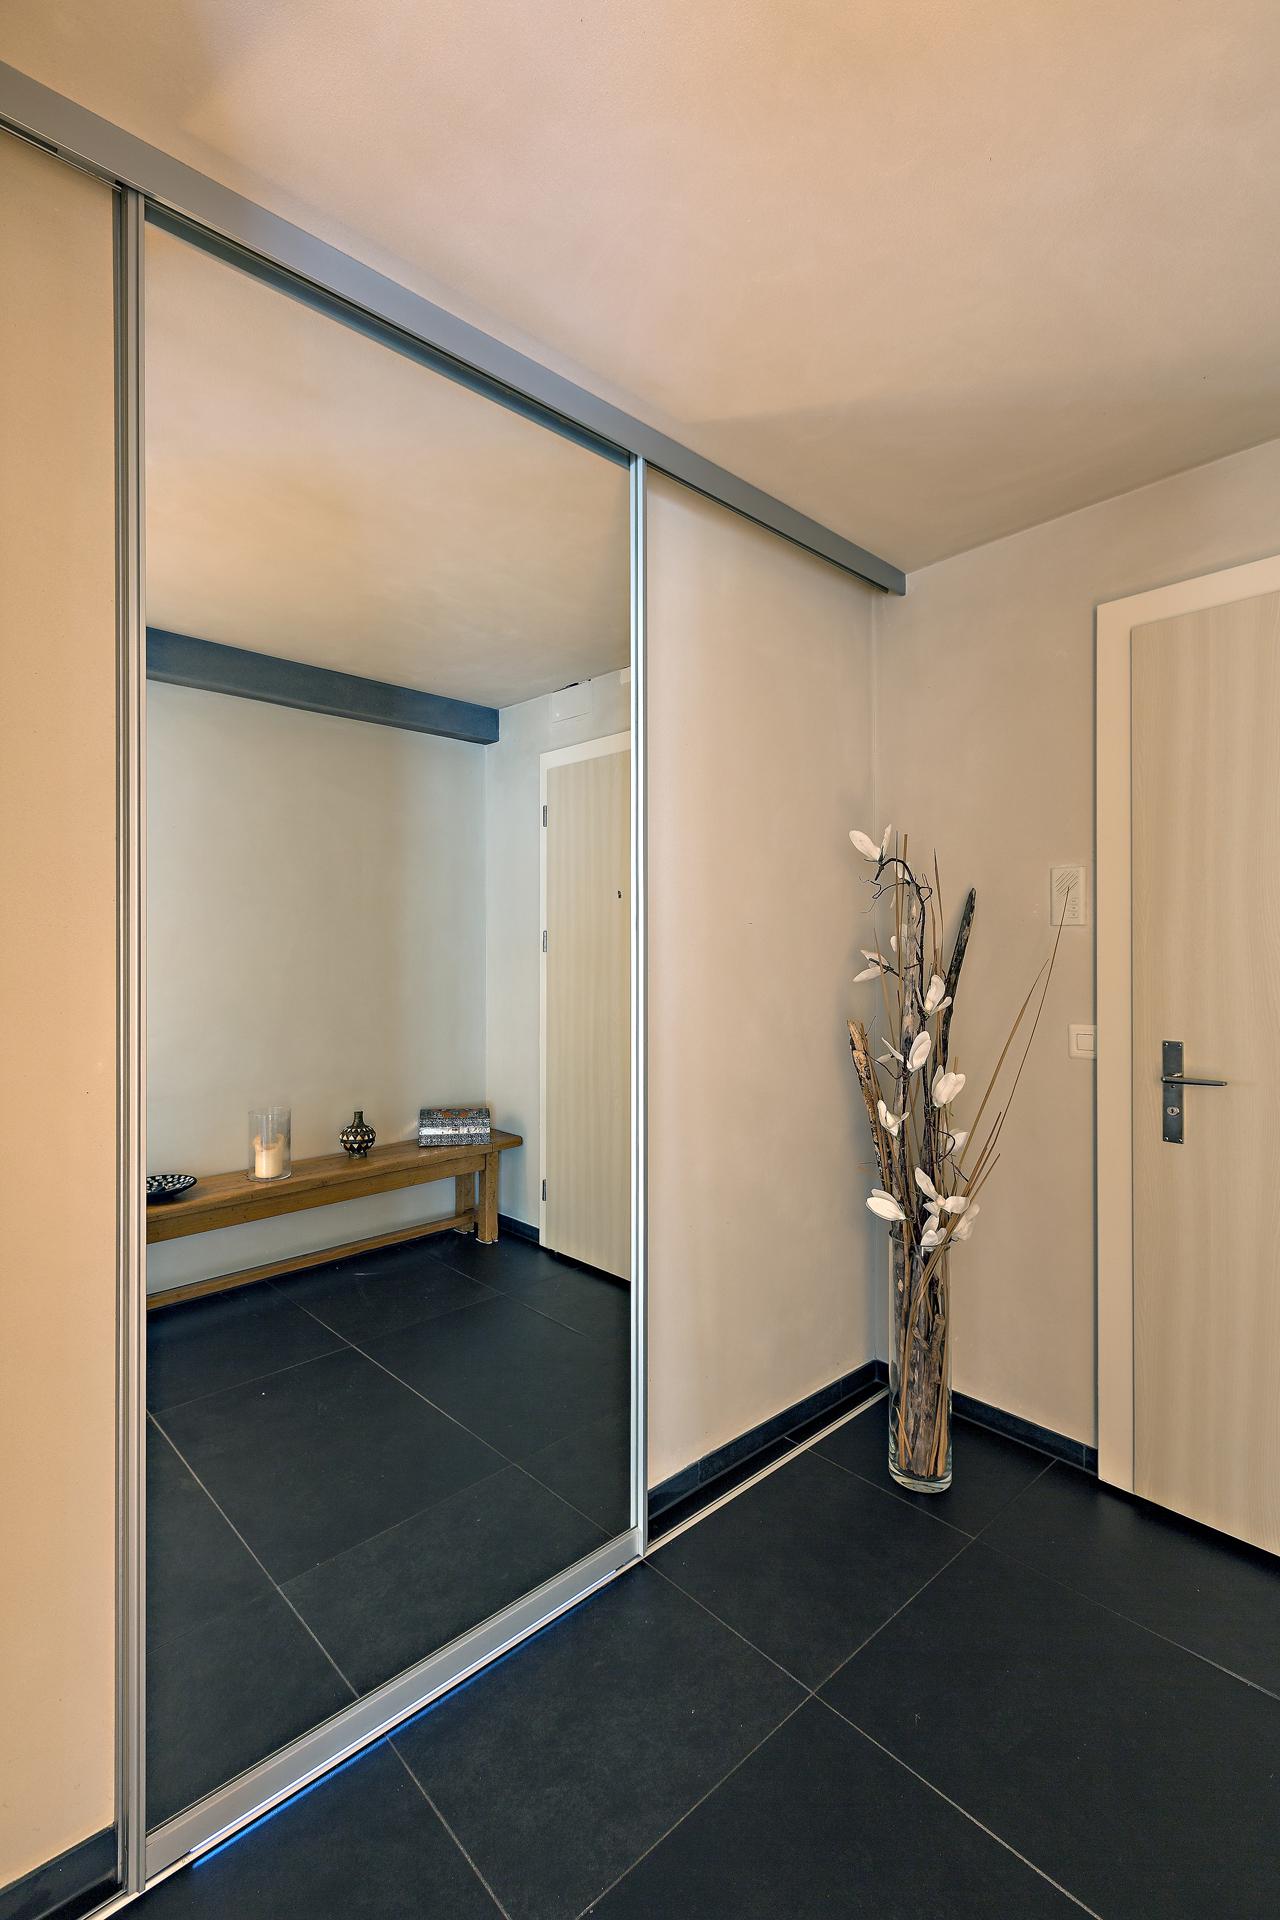 schiebet re in grossfl chigem spiegel als eingang ins badezimmer auf zu. Black Bedroom Furniture Sets. Home Design Ideas